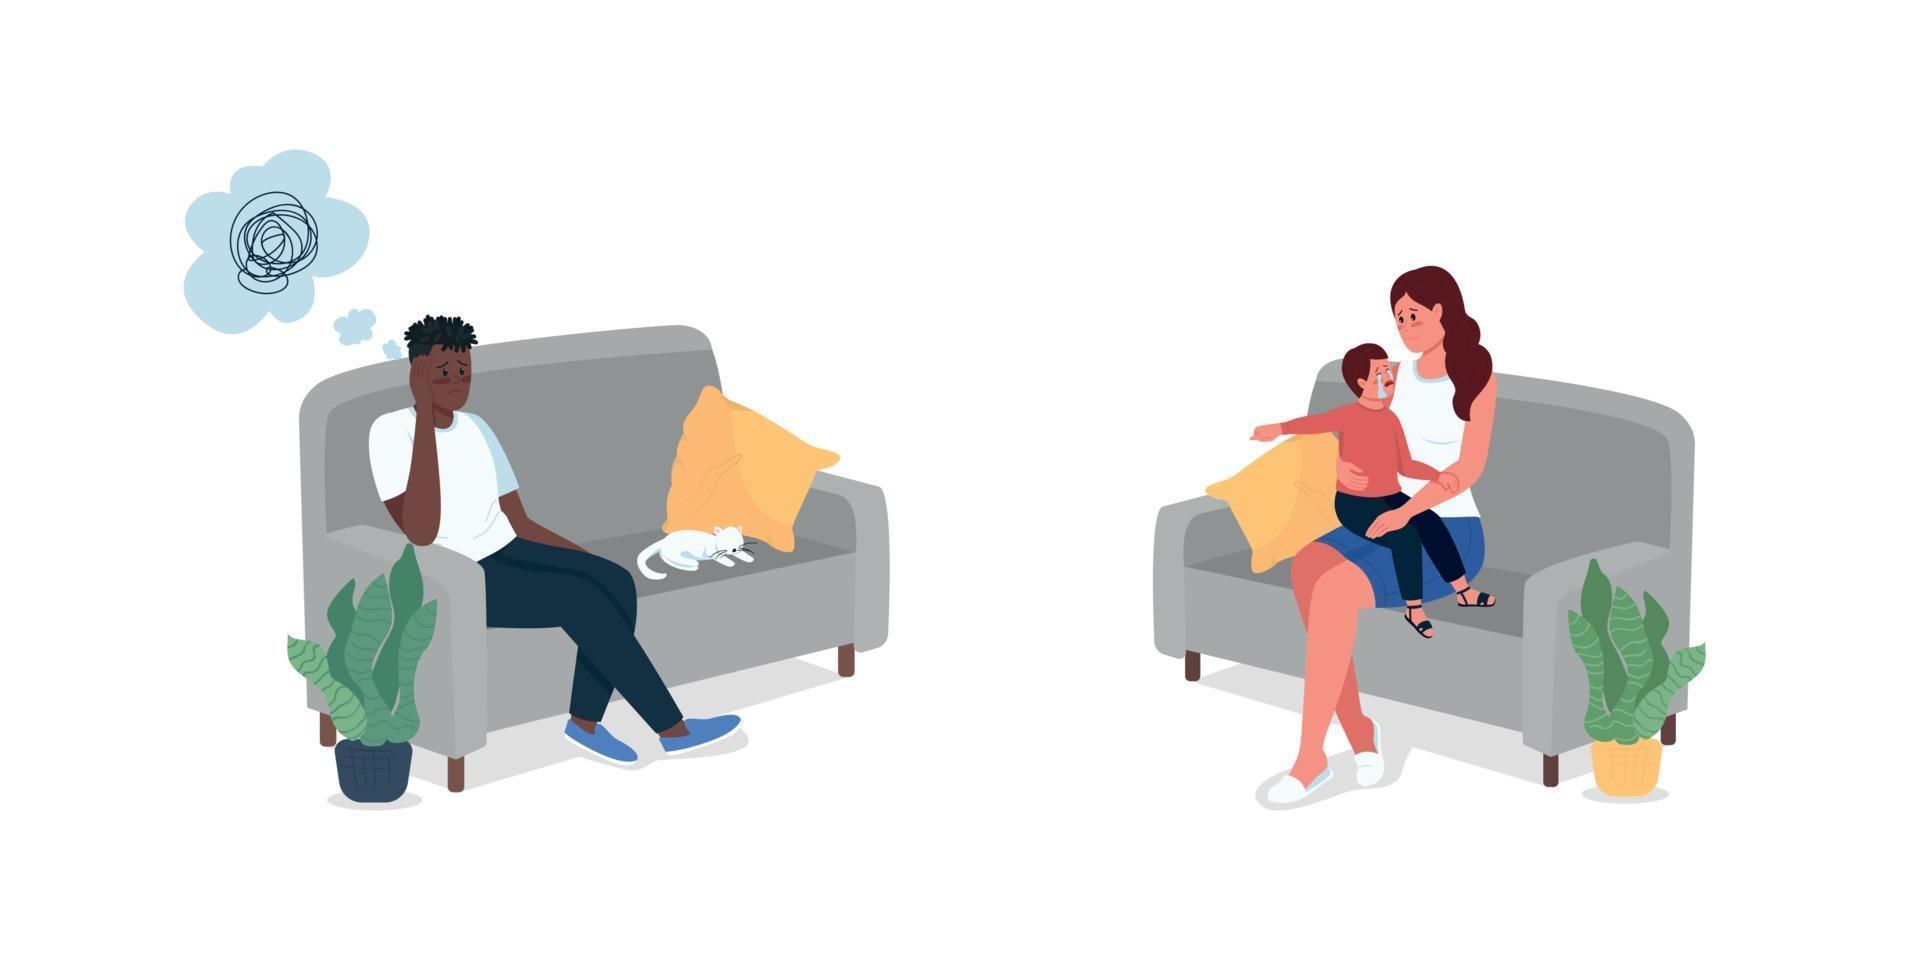 miembros de la familia sentados en el sofá conjunto de caracteres detallados vectoriales de color plano vector